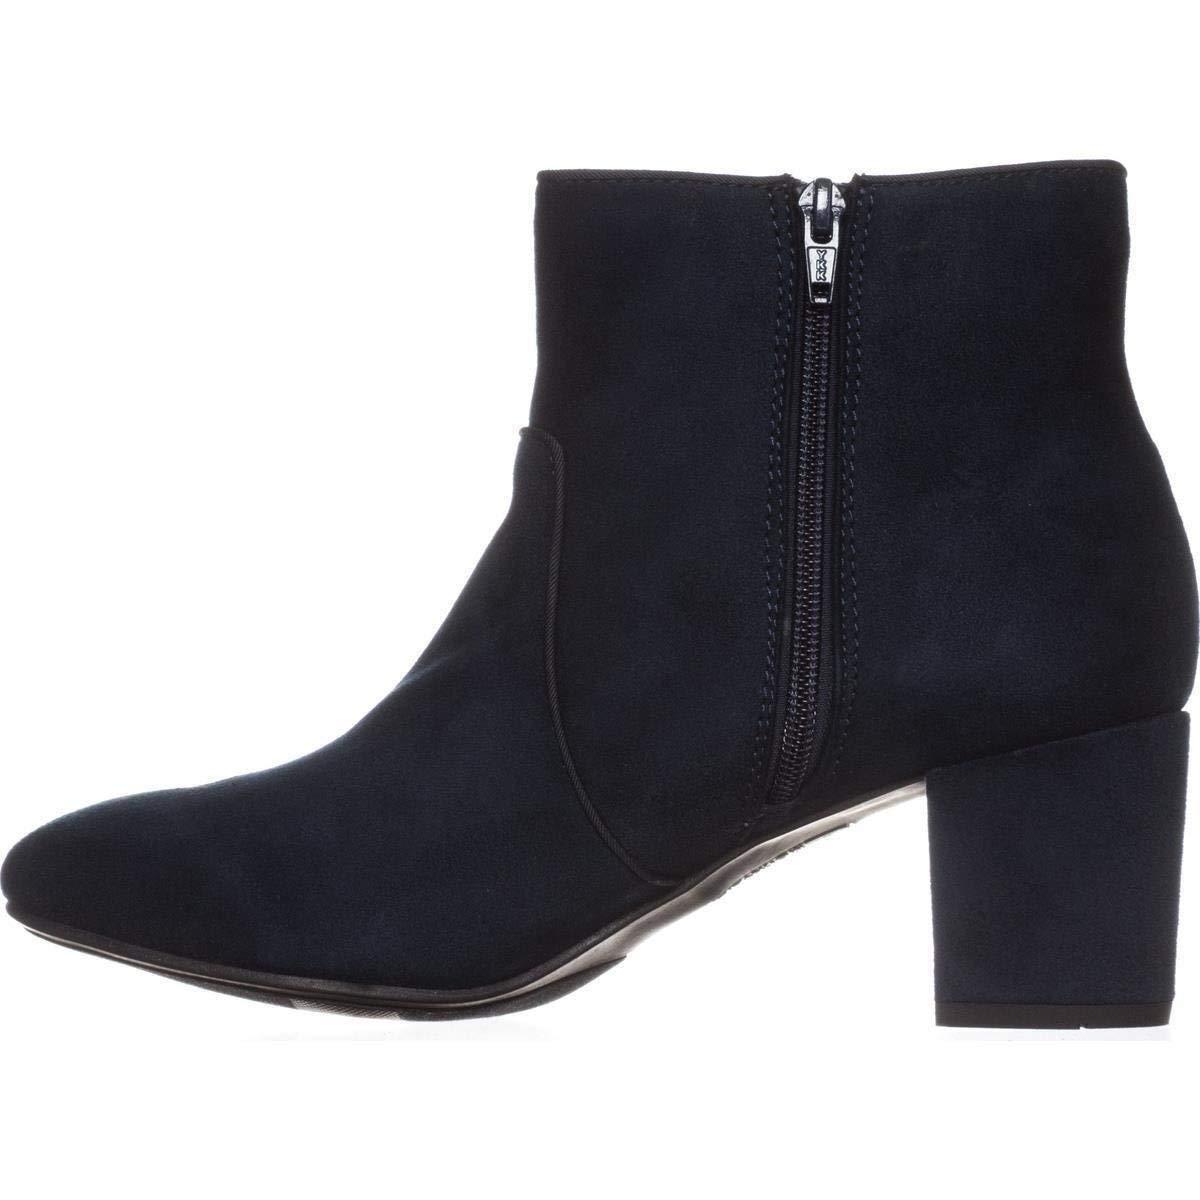 blanco Mountain Mujer botas al tobillo de Calisi moda puntera cerrada Calisi de 9f28ec